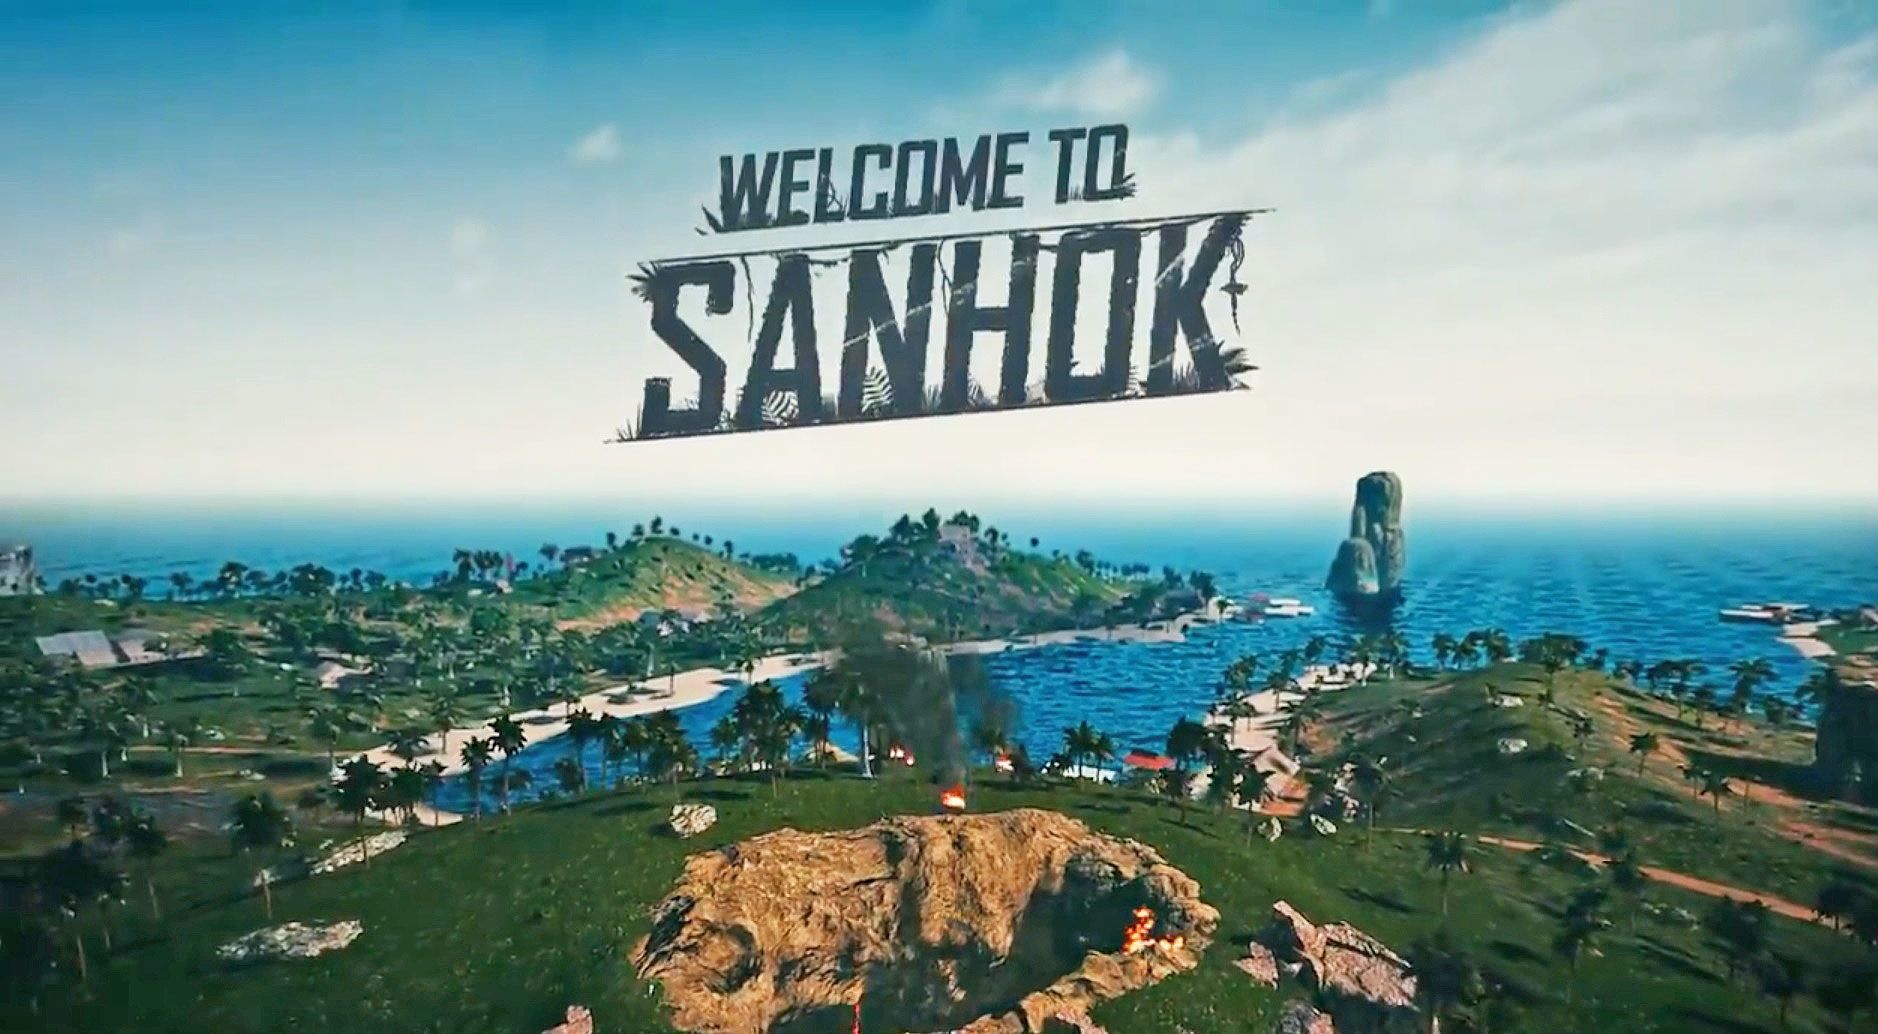 Pubg Erangel Wallpaper Image Result For Welcome To Sanhok Wallpaper Hd Peta